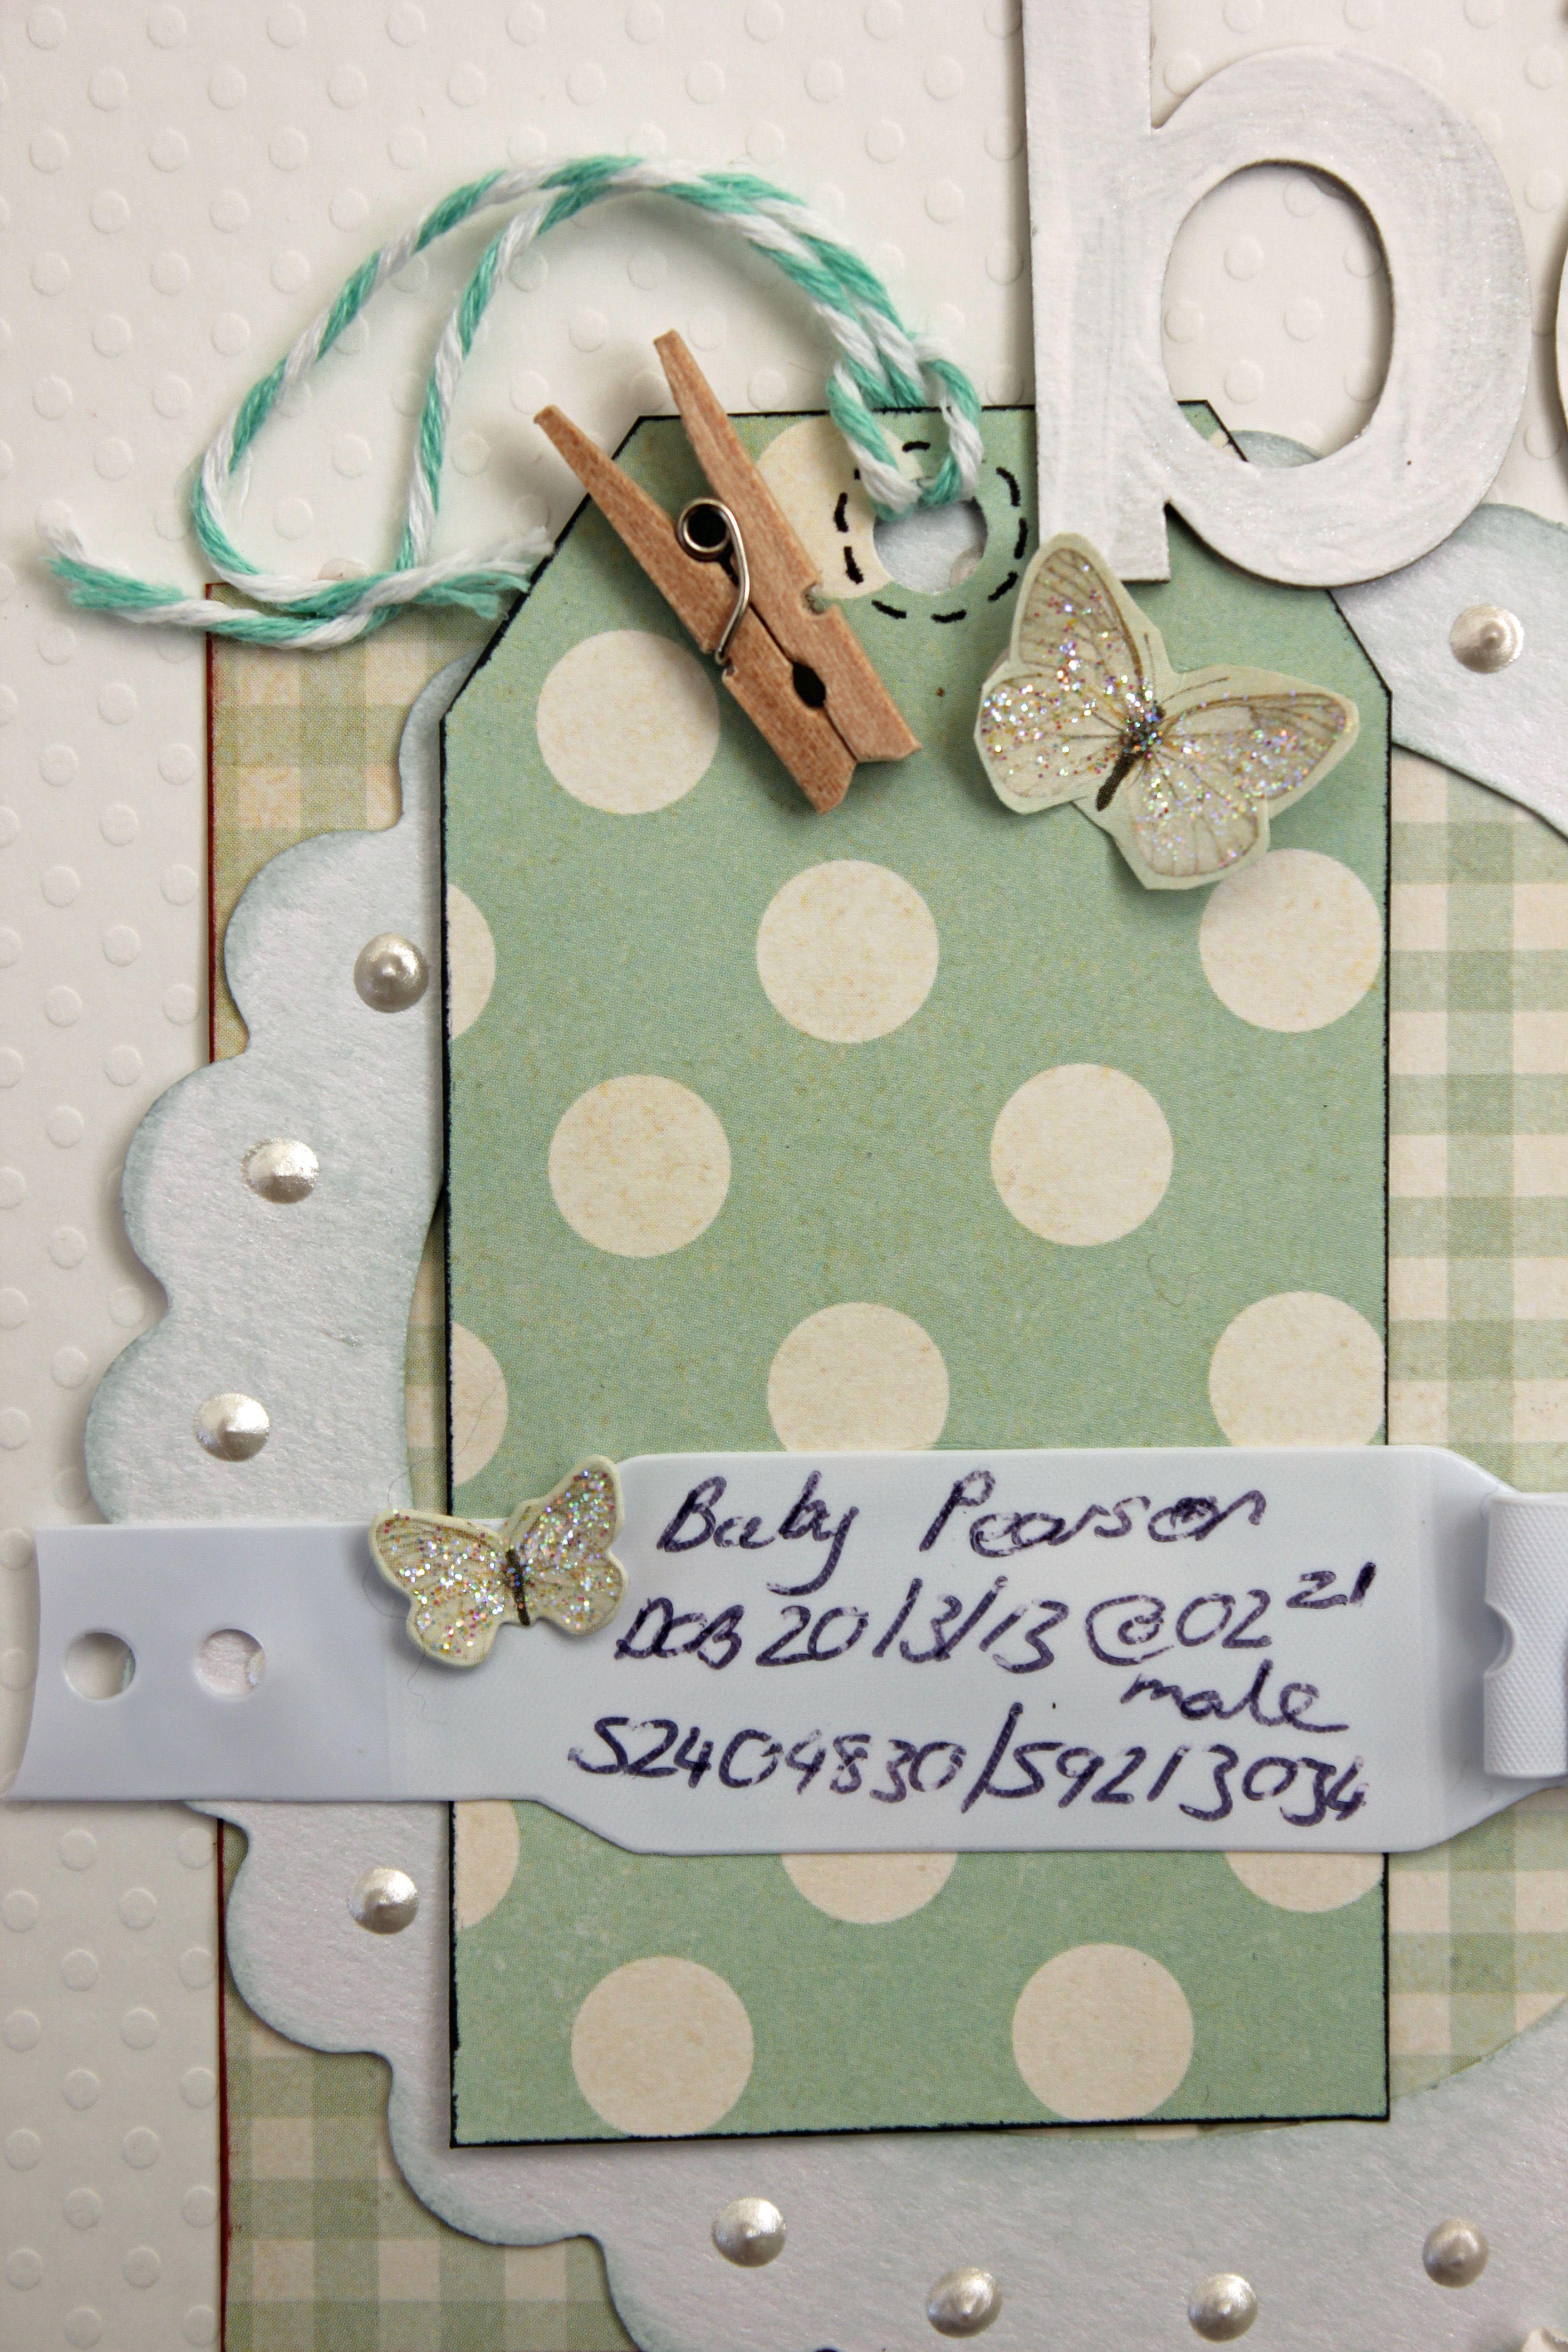 Baby scrapbook ideas on pinterest - Baby Bracelet Baby Scrapbook Ideas Pinterest Braccialetti Beb E Braccialetto Per Neonato